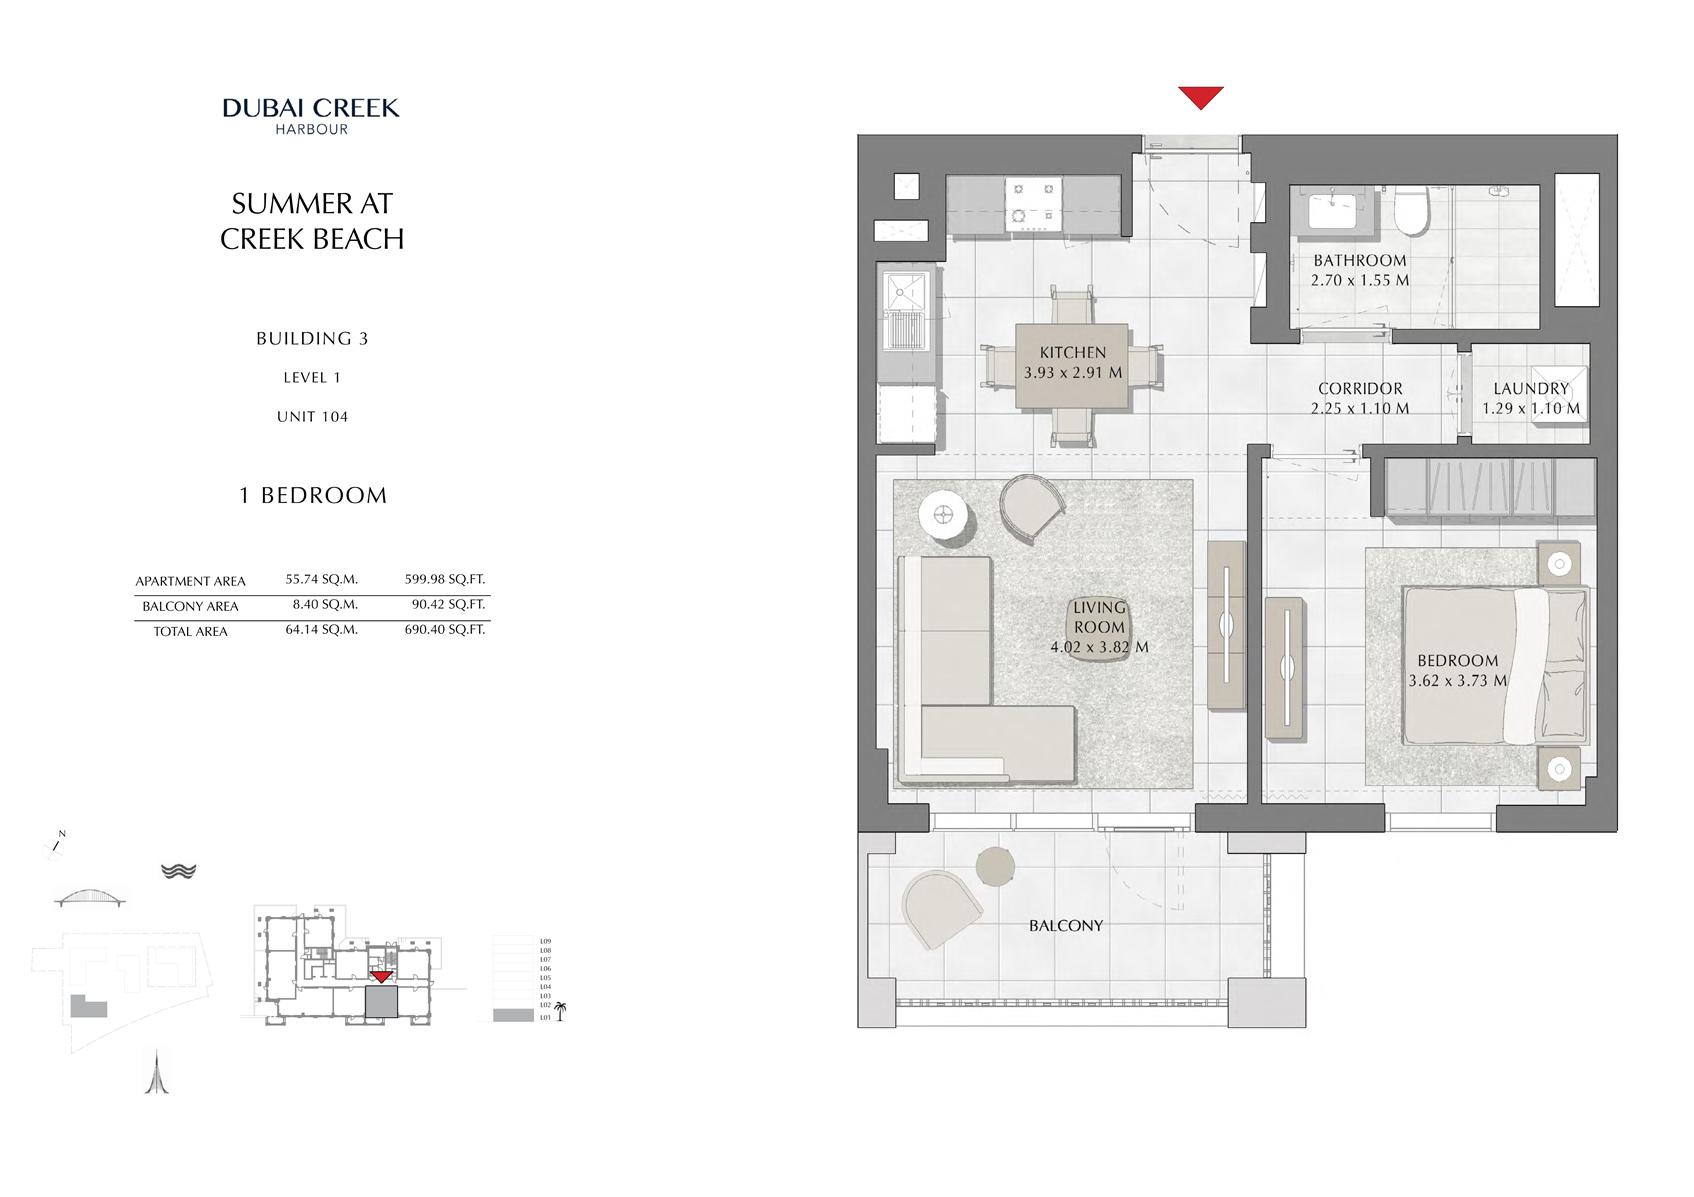 1 Br Building 3 Level 1 Unit 104, Size 690 Sq Ft